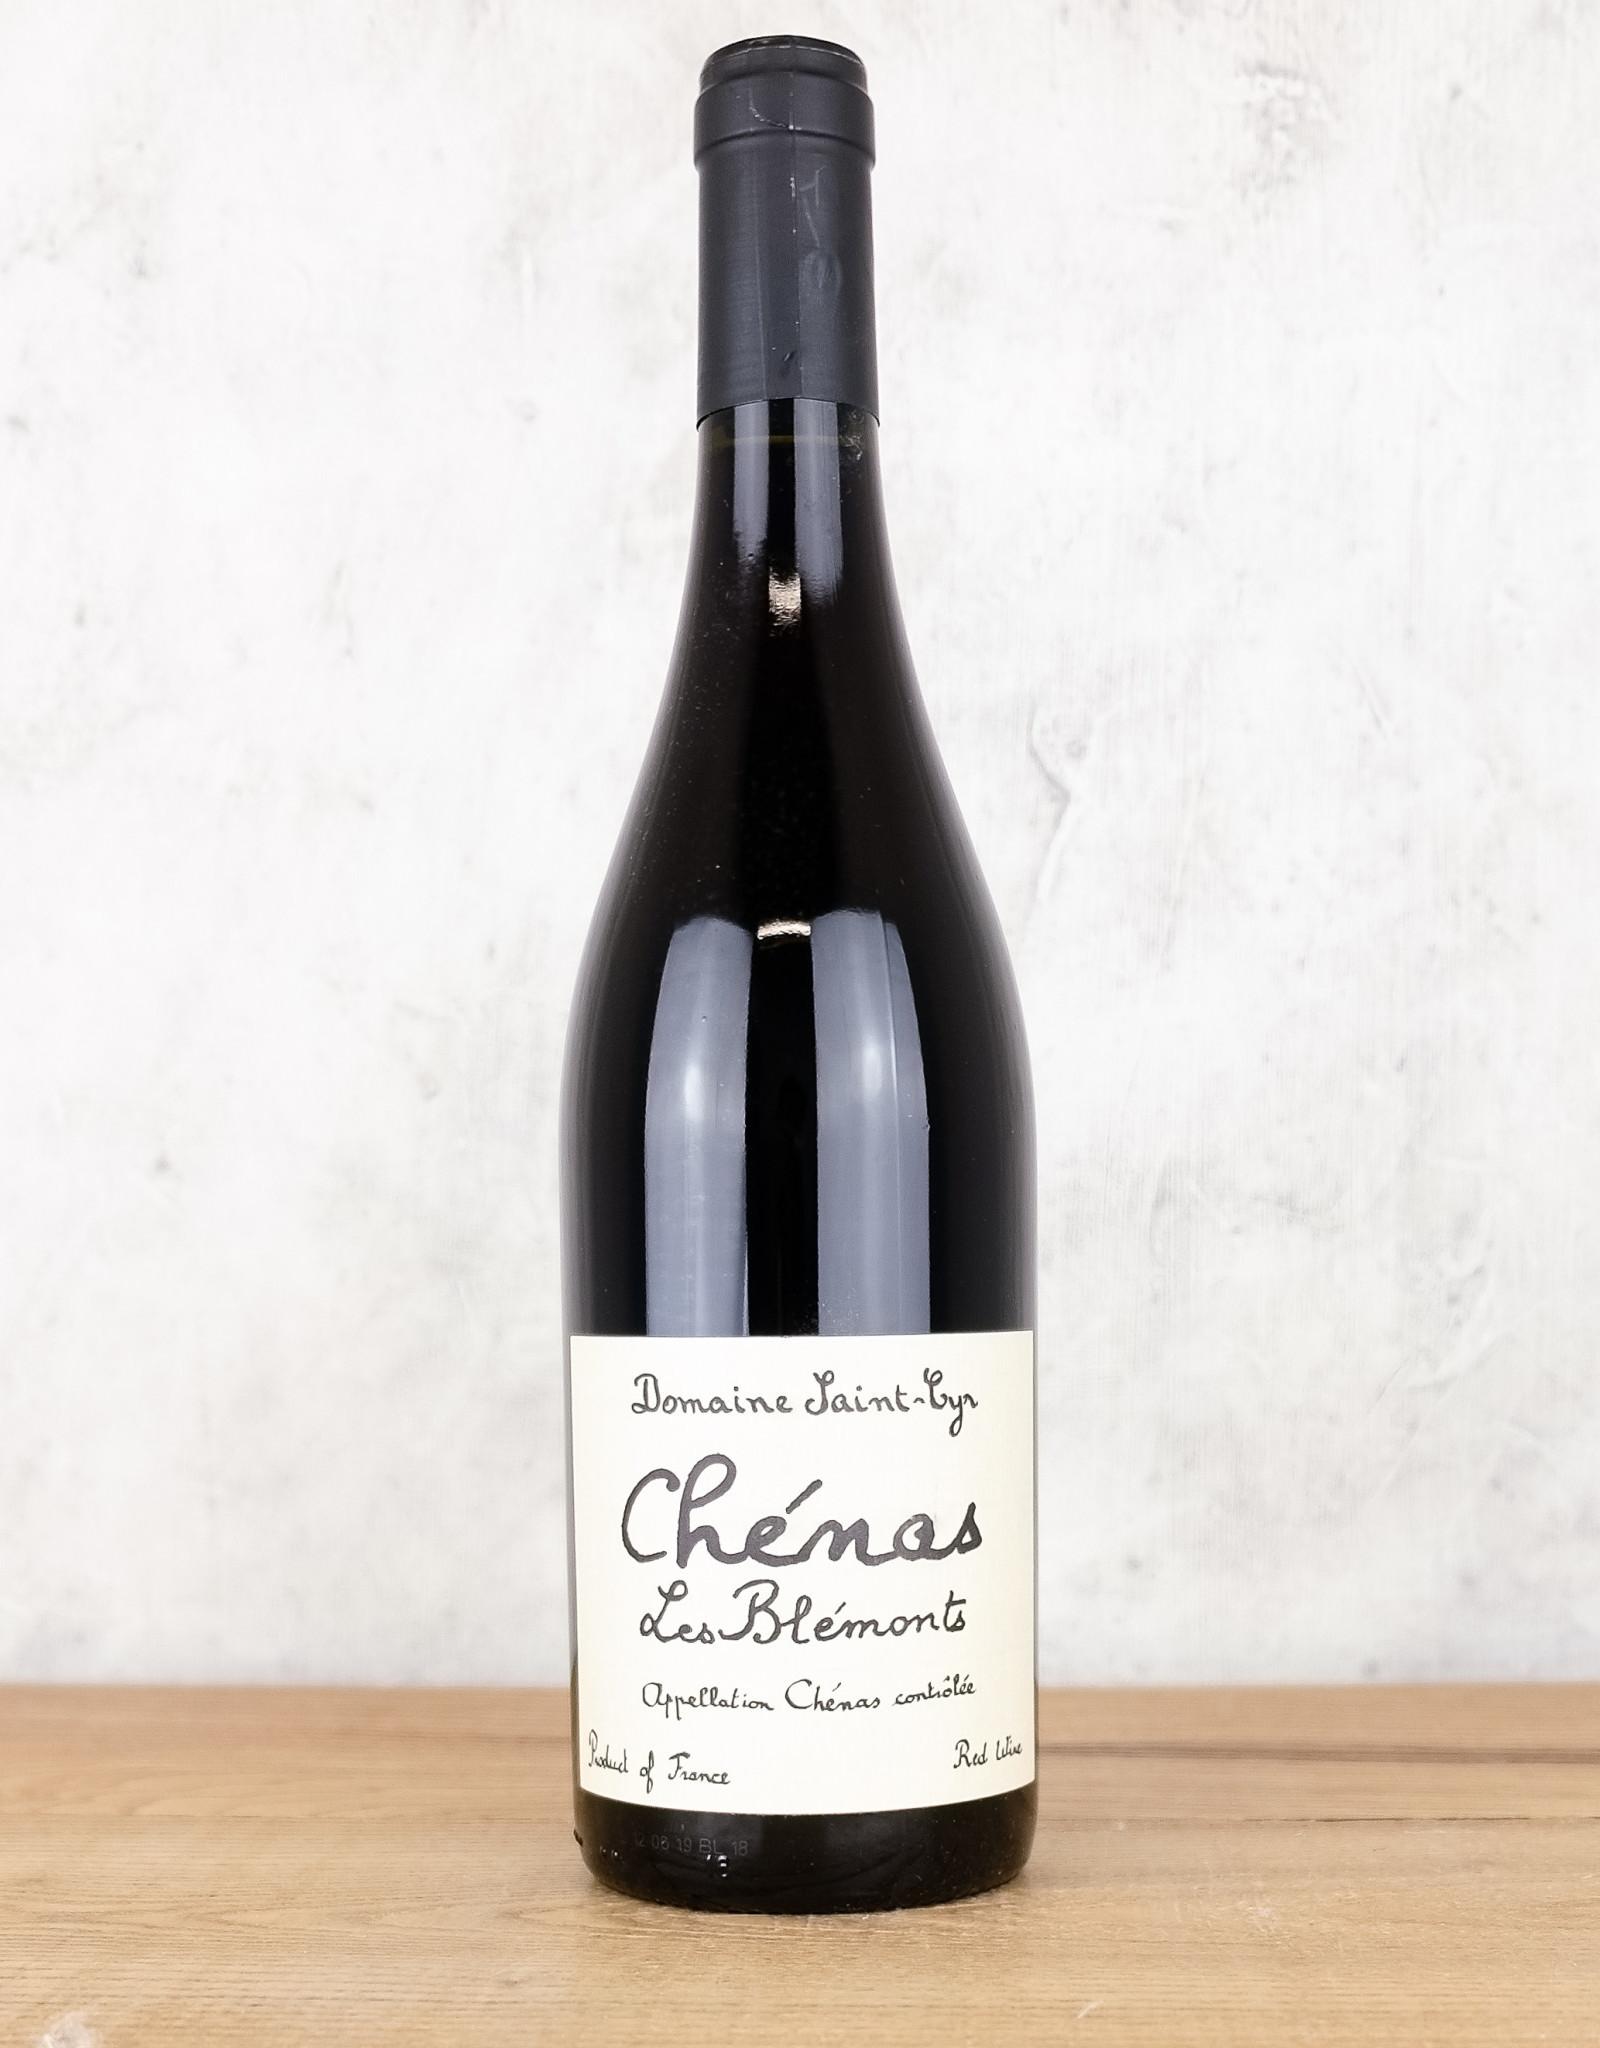 Domaine Saint Cyr Chenas Les Belmonts